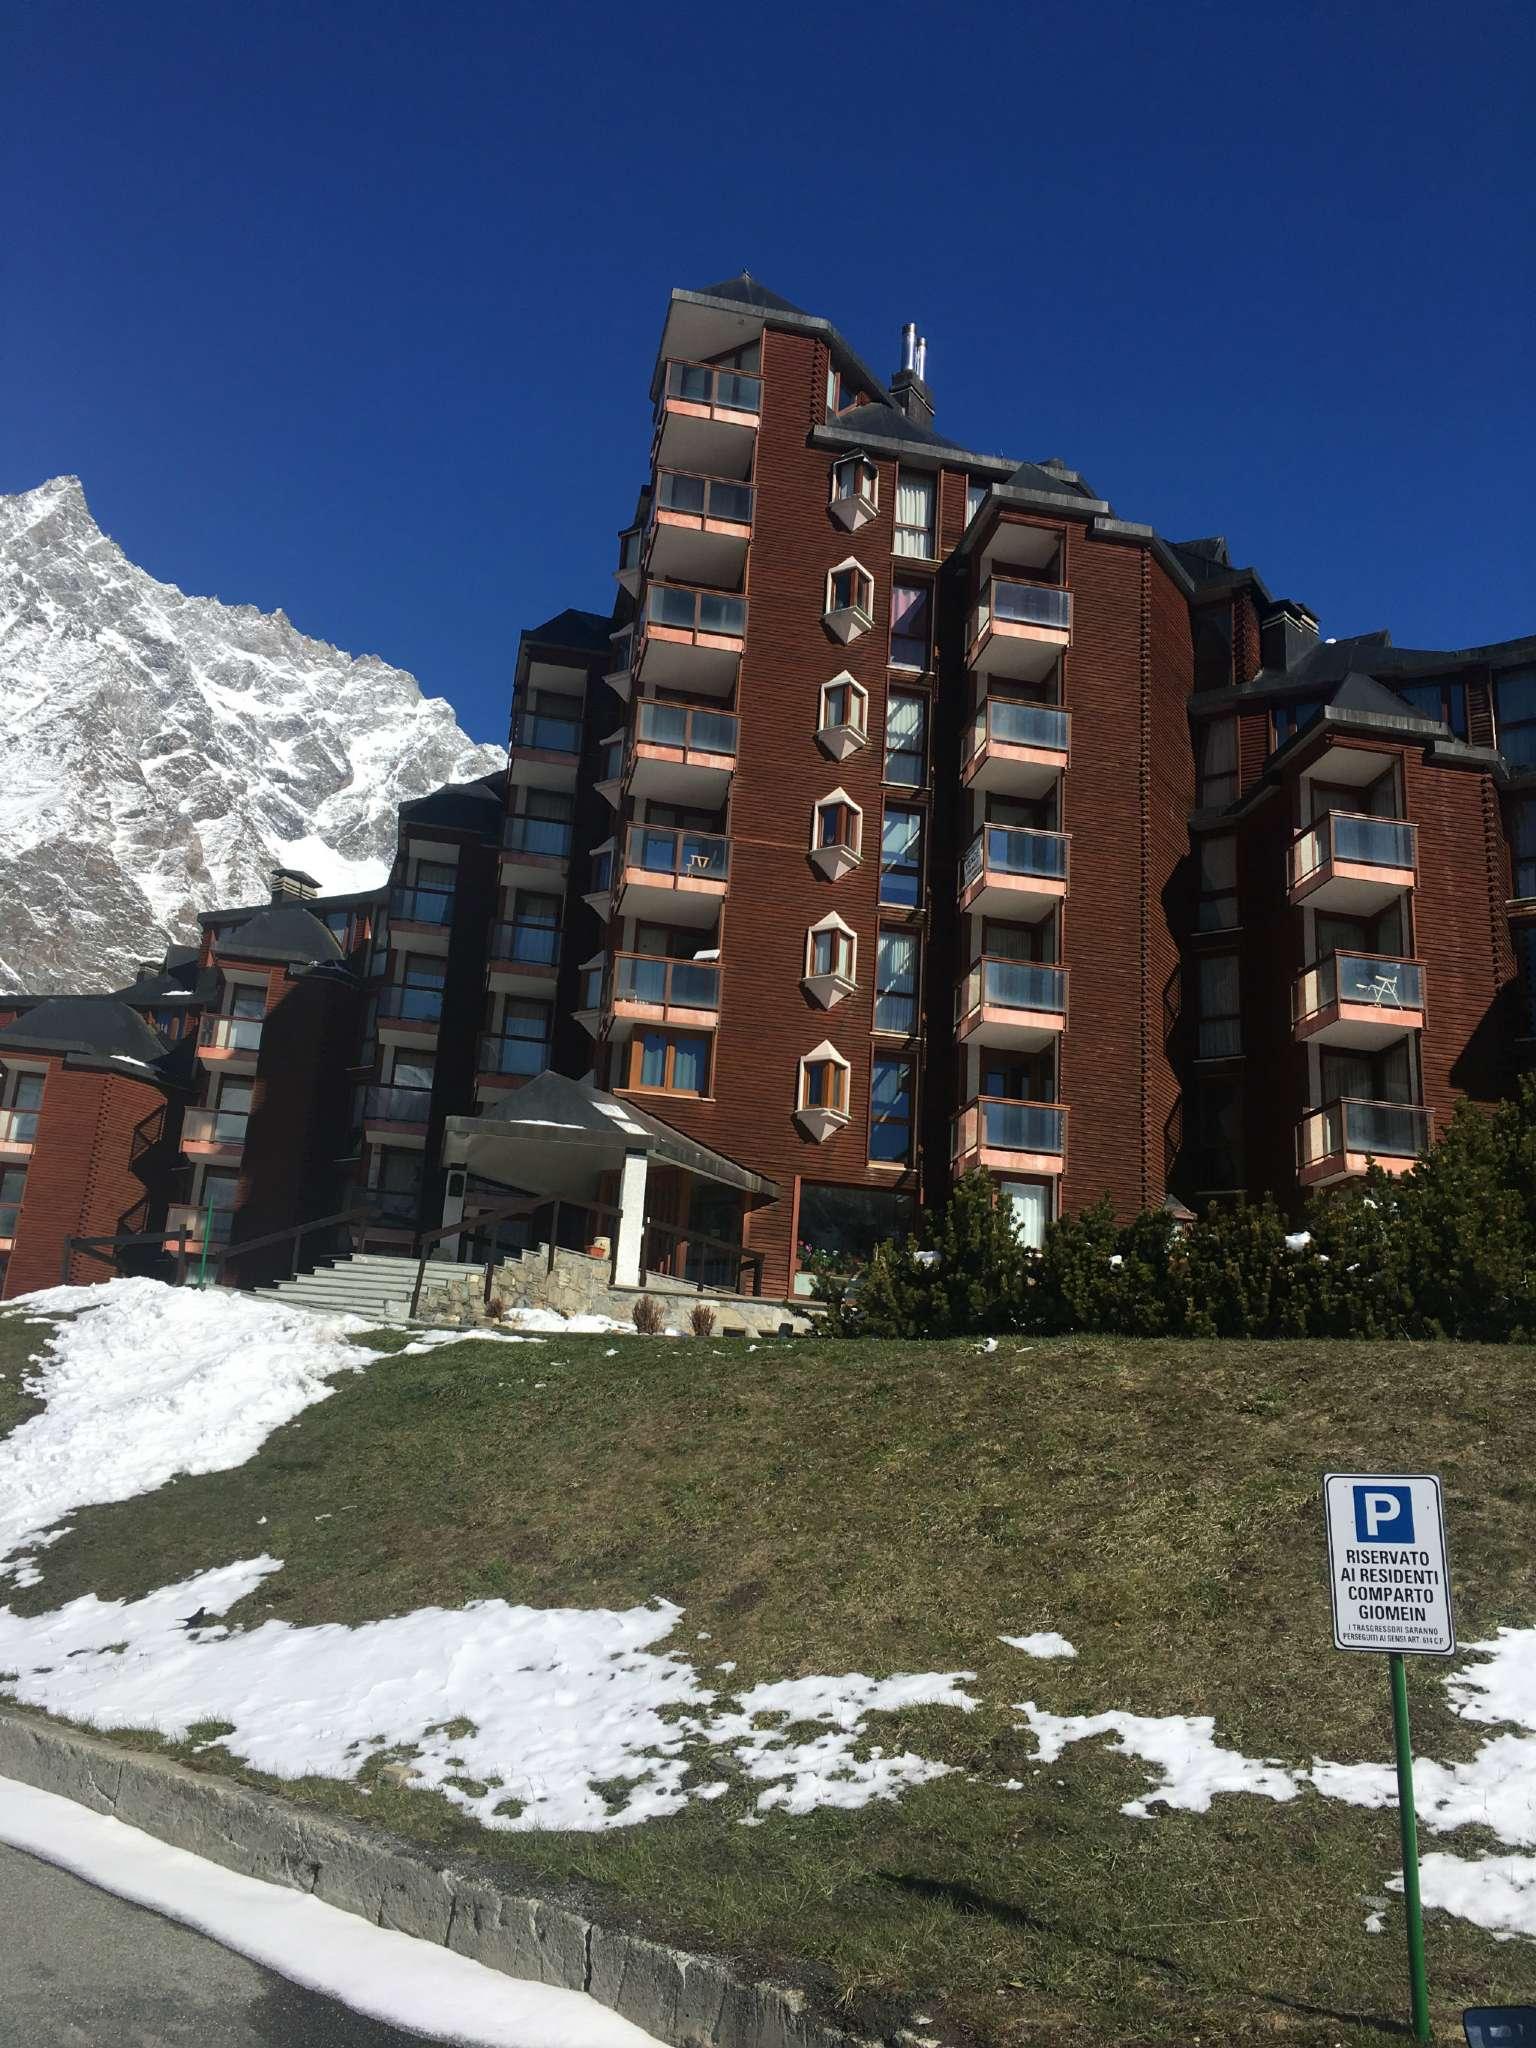 Appartamento in vendita a Valtournenche, 4 locali, prezzo € 515.000 | CambioCasa.it